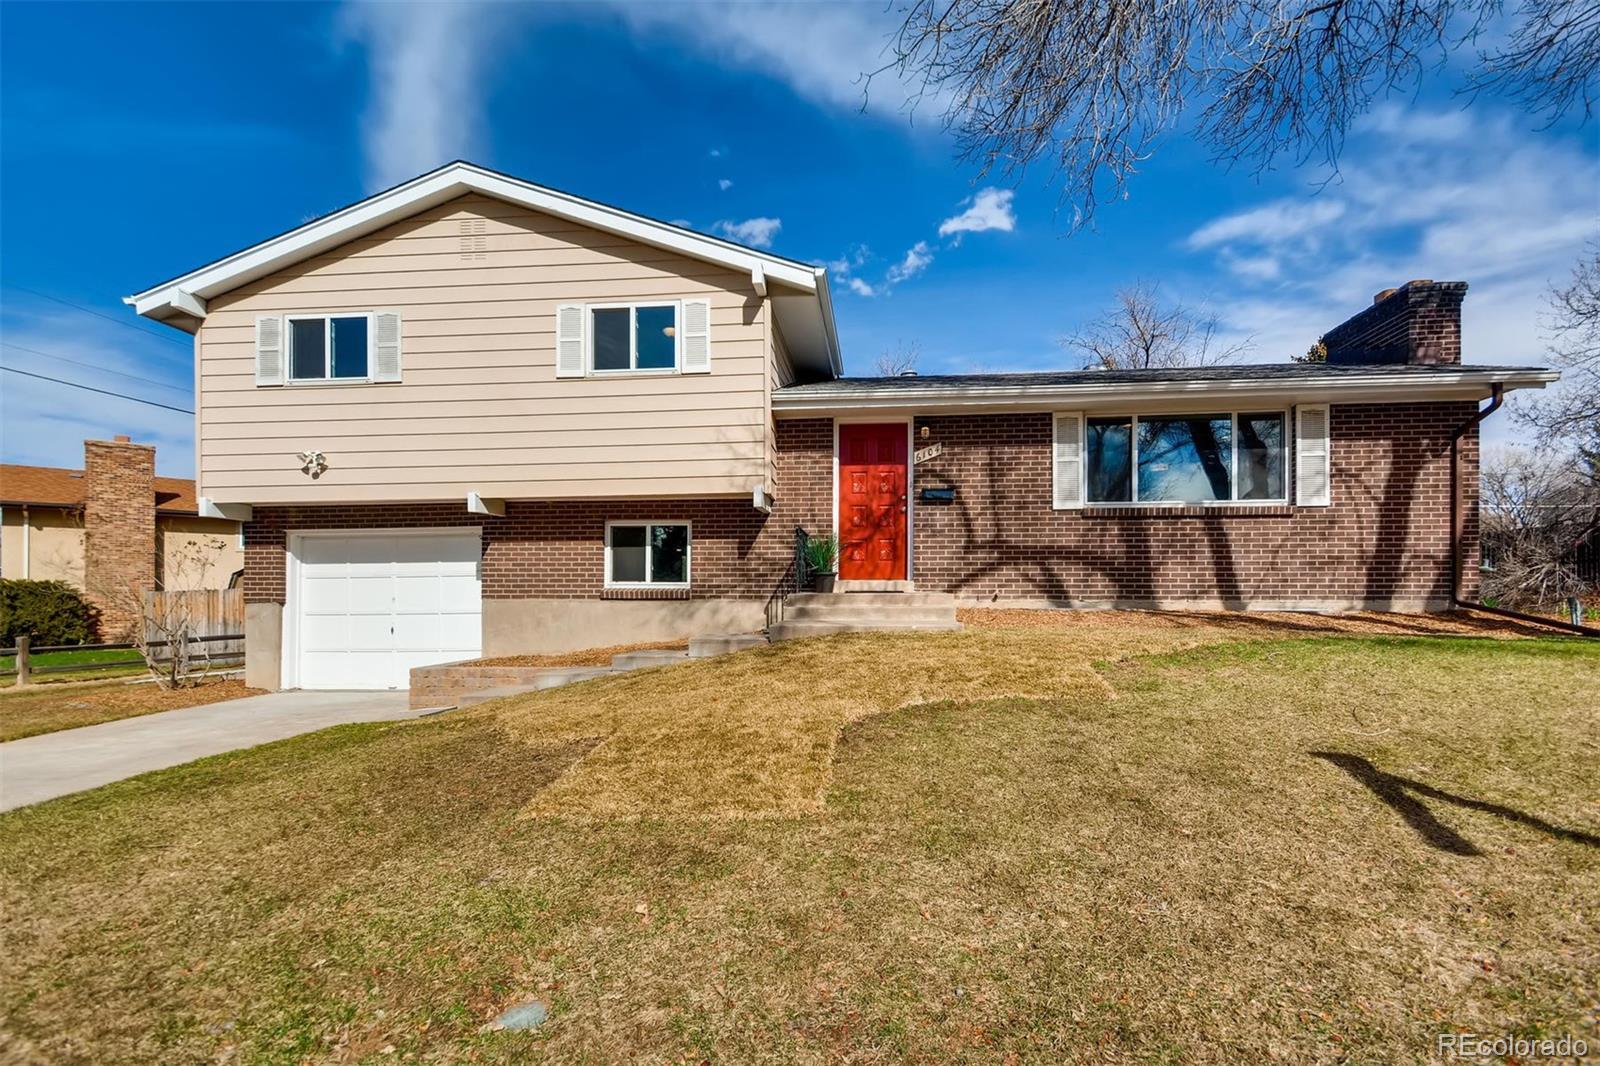 6104 S Jackson Street, Centennial, CO 80121 - Centennial, CO real estate listing